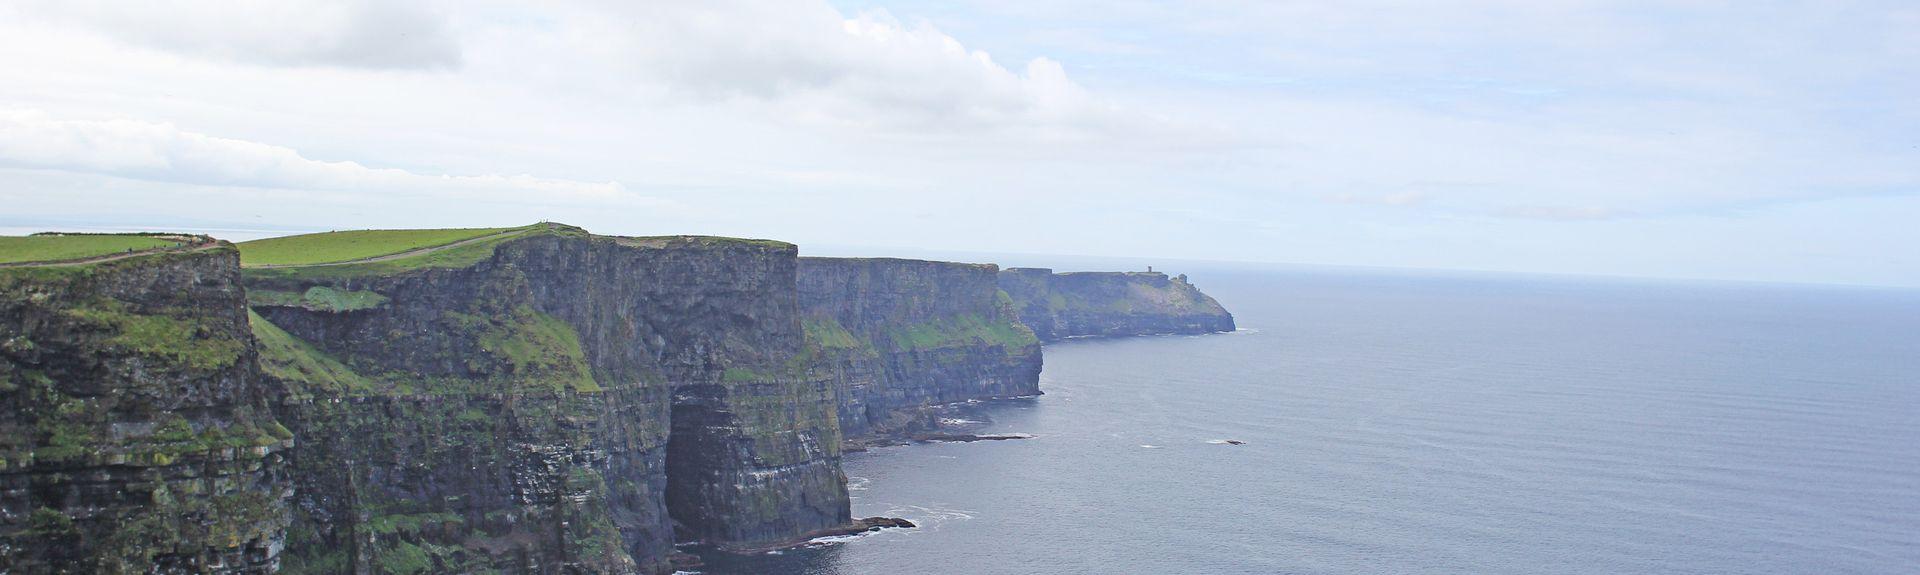 Gort, Co. Galway, Ireland